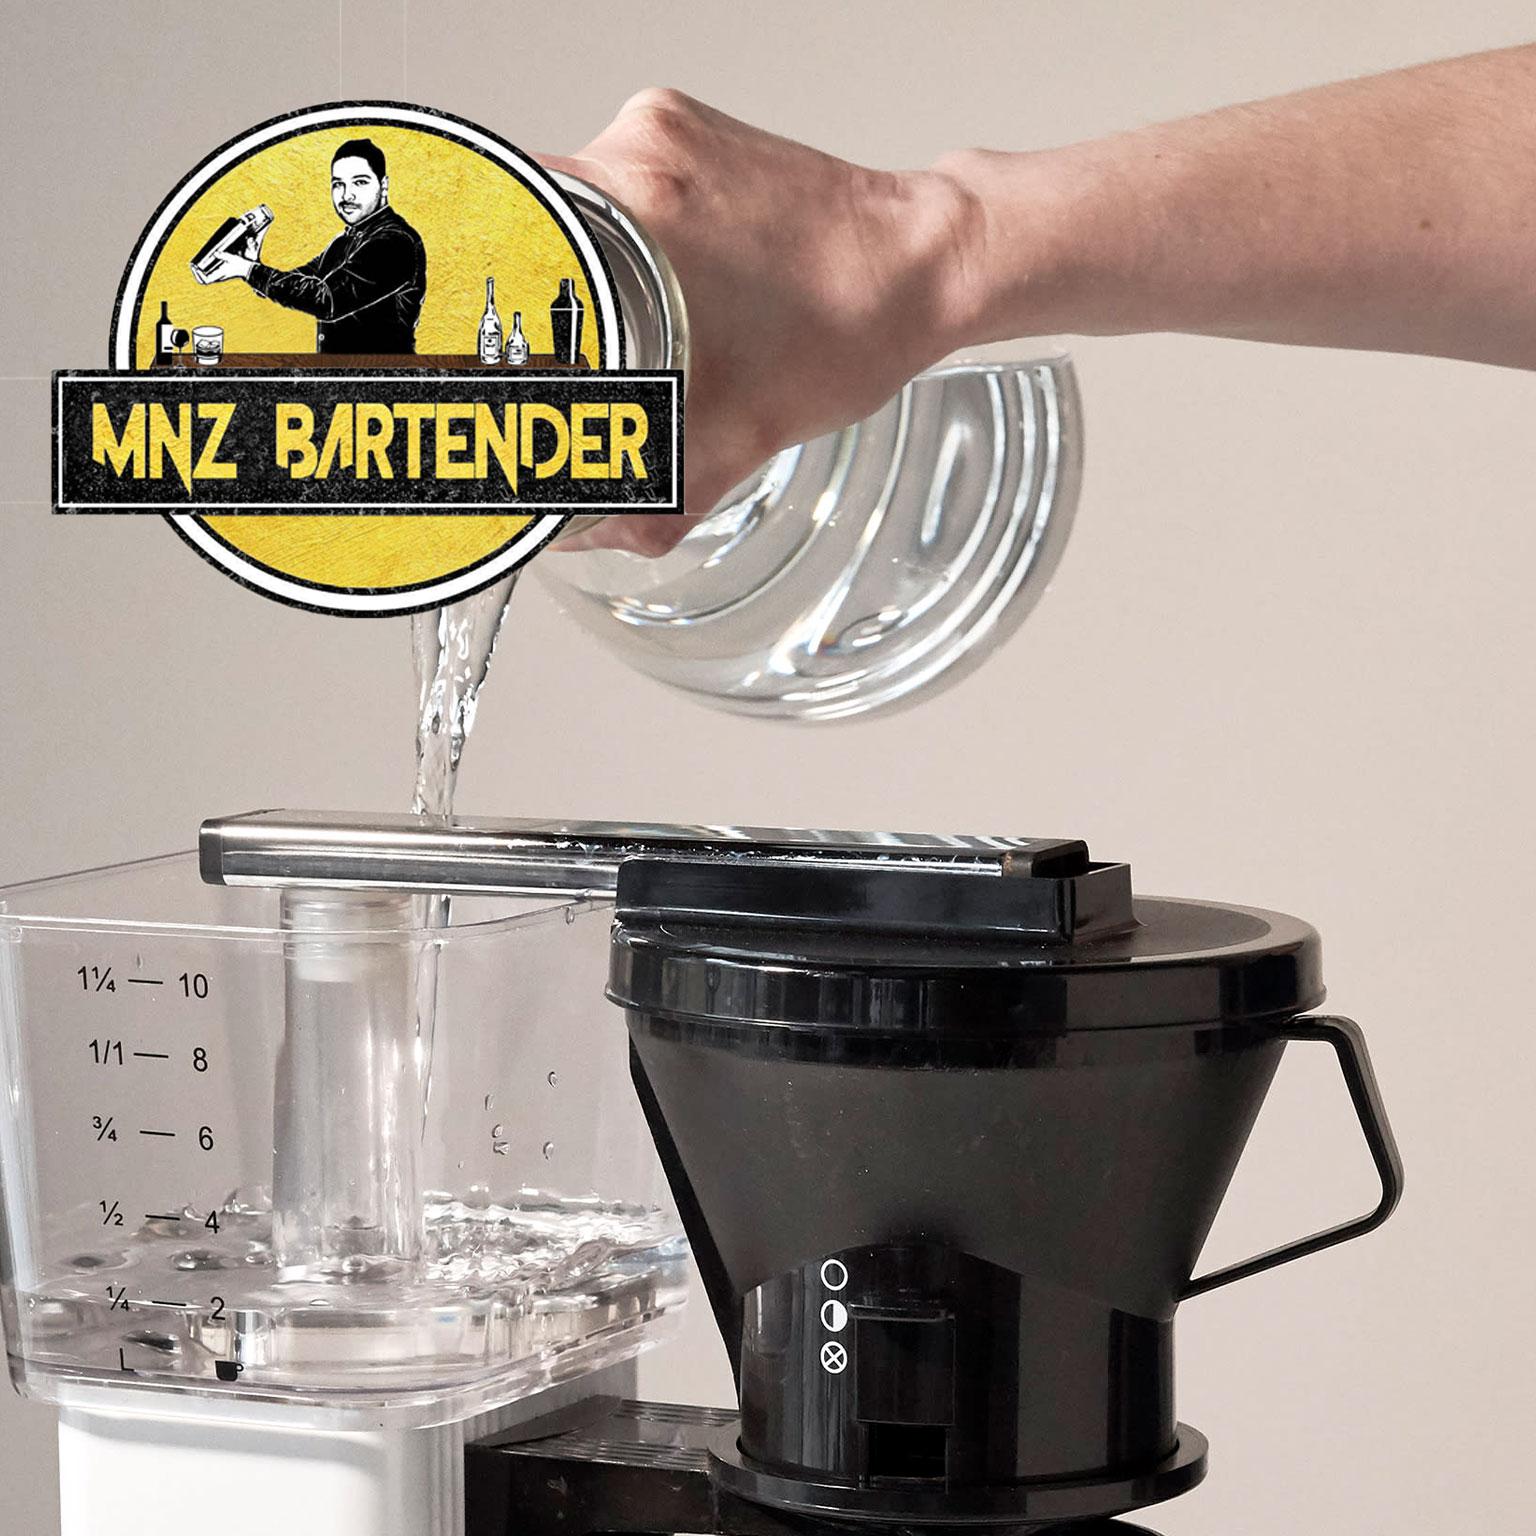 برای تهیه ی آیس کافی آب در مخزن آب قهوه ساز قطرهای خود بریزید